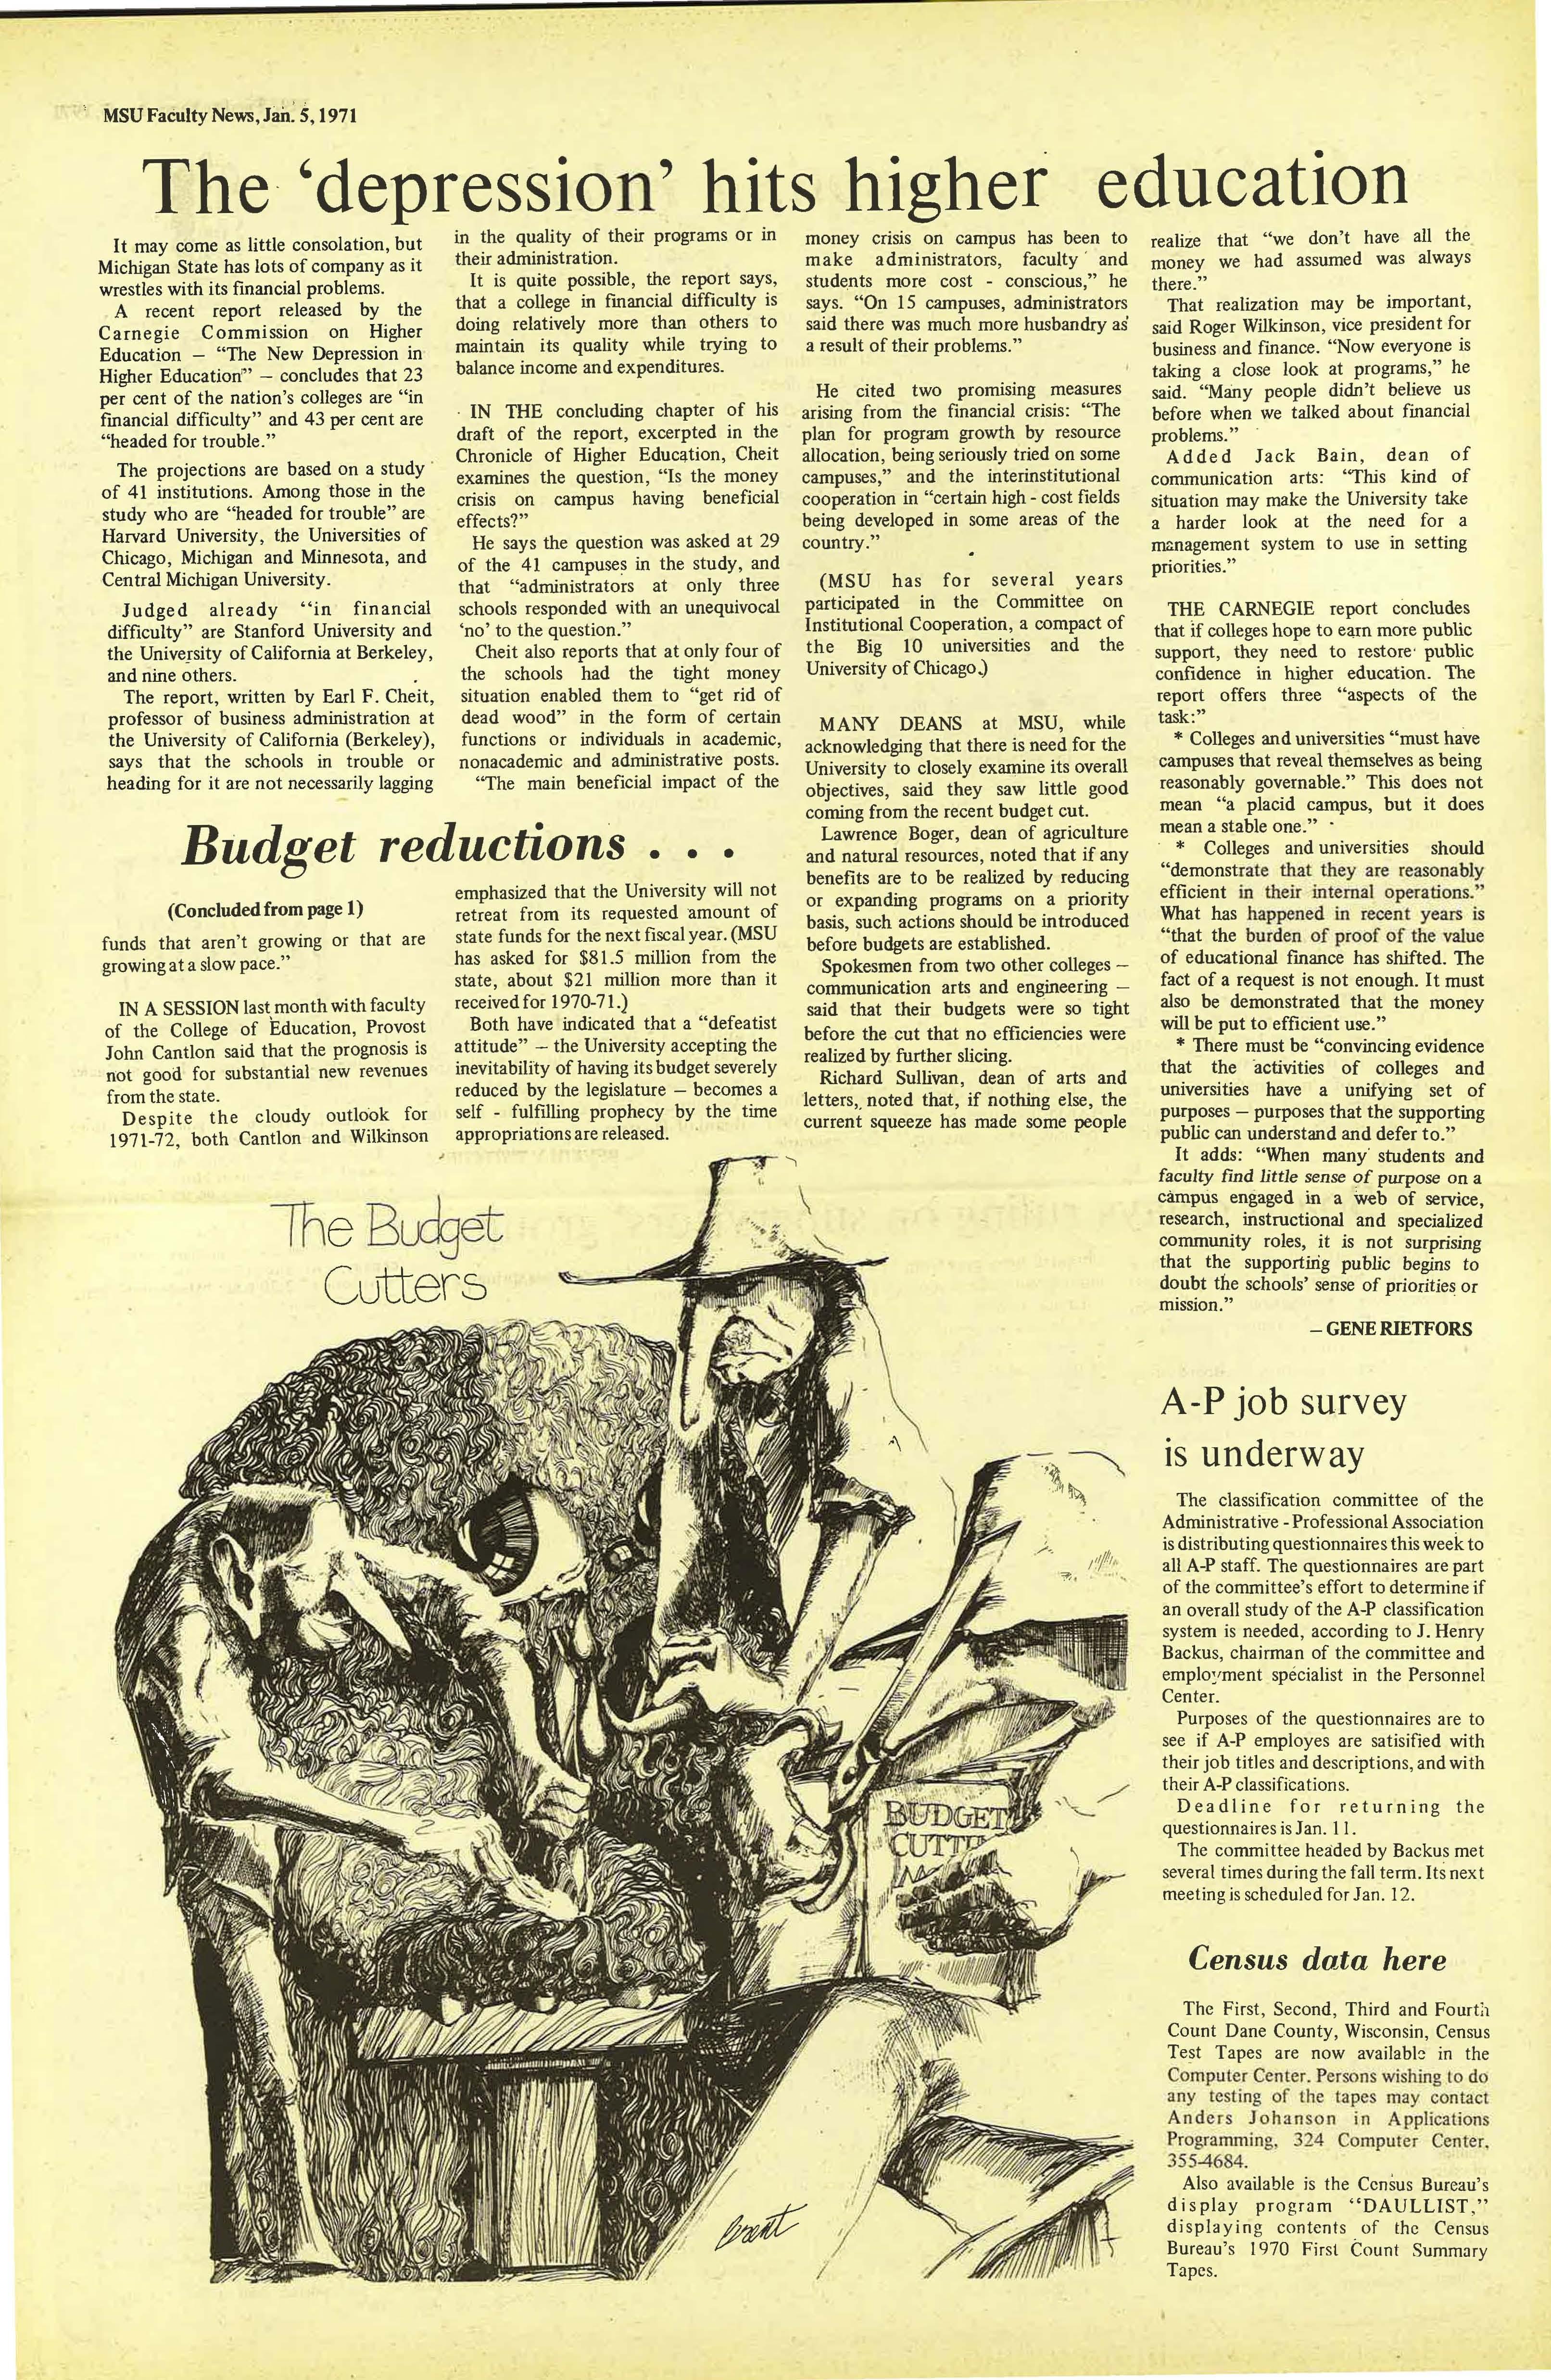 MSU News Bulletin, vol. 2, No. 22, April 8, 1971